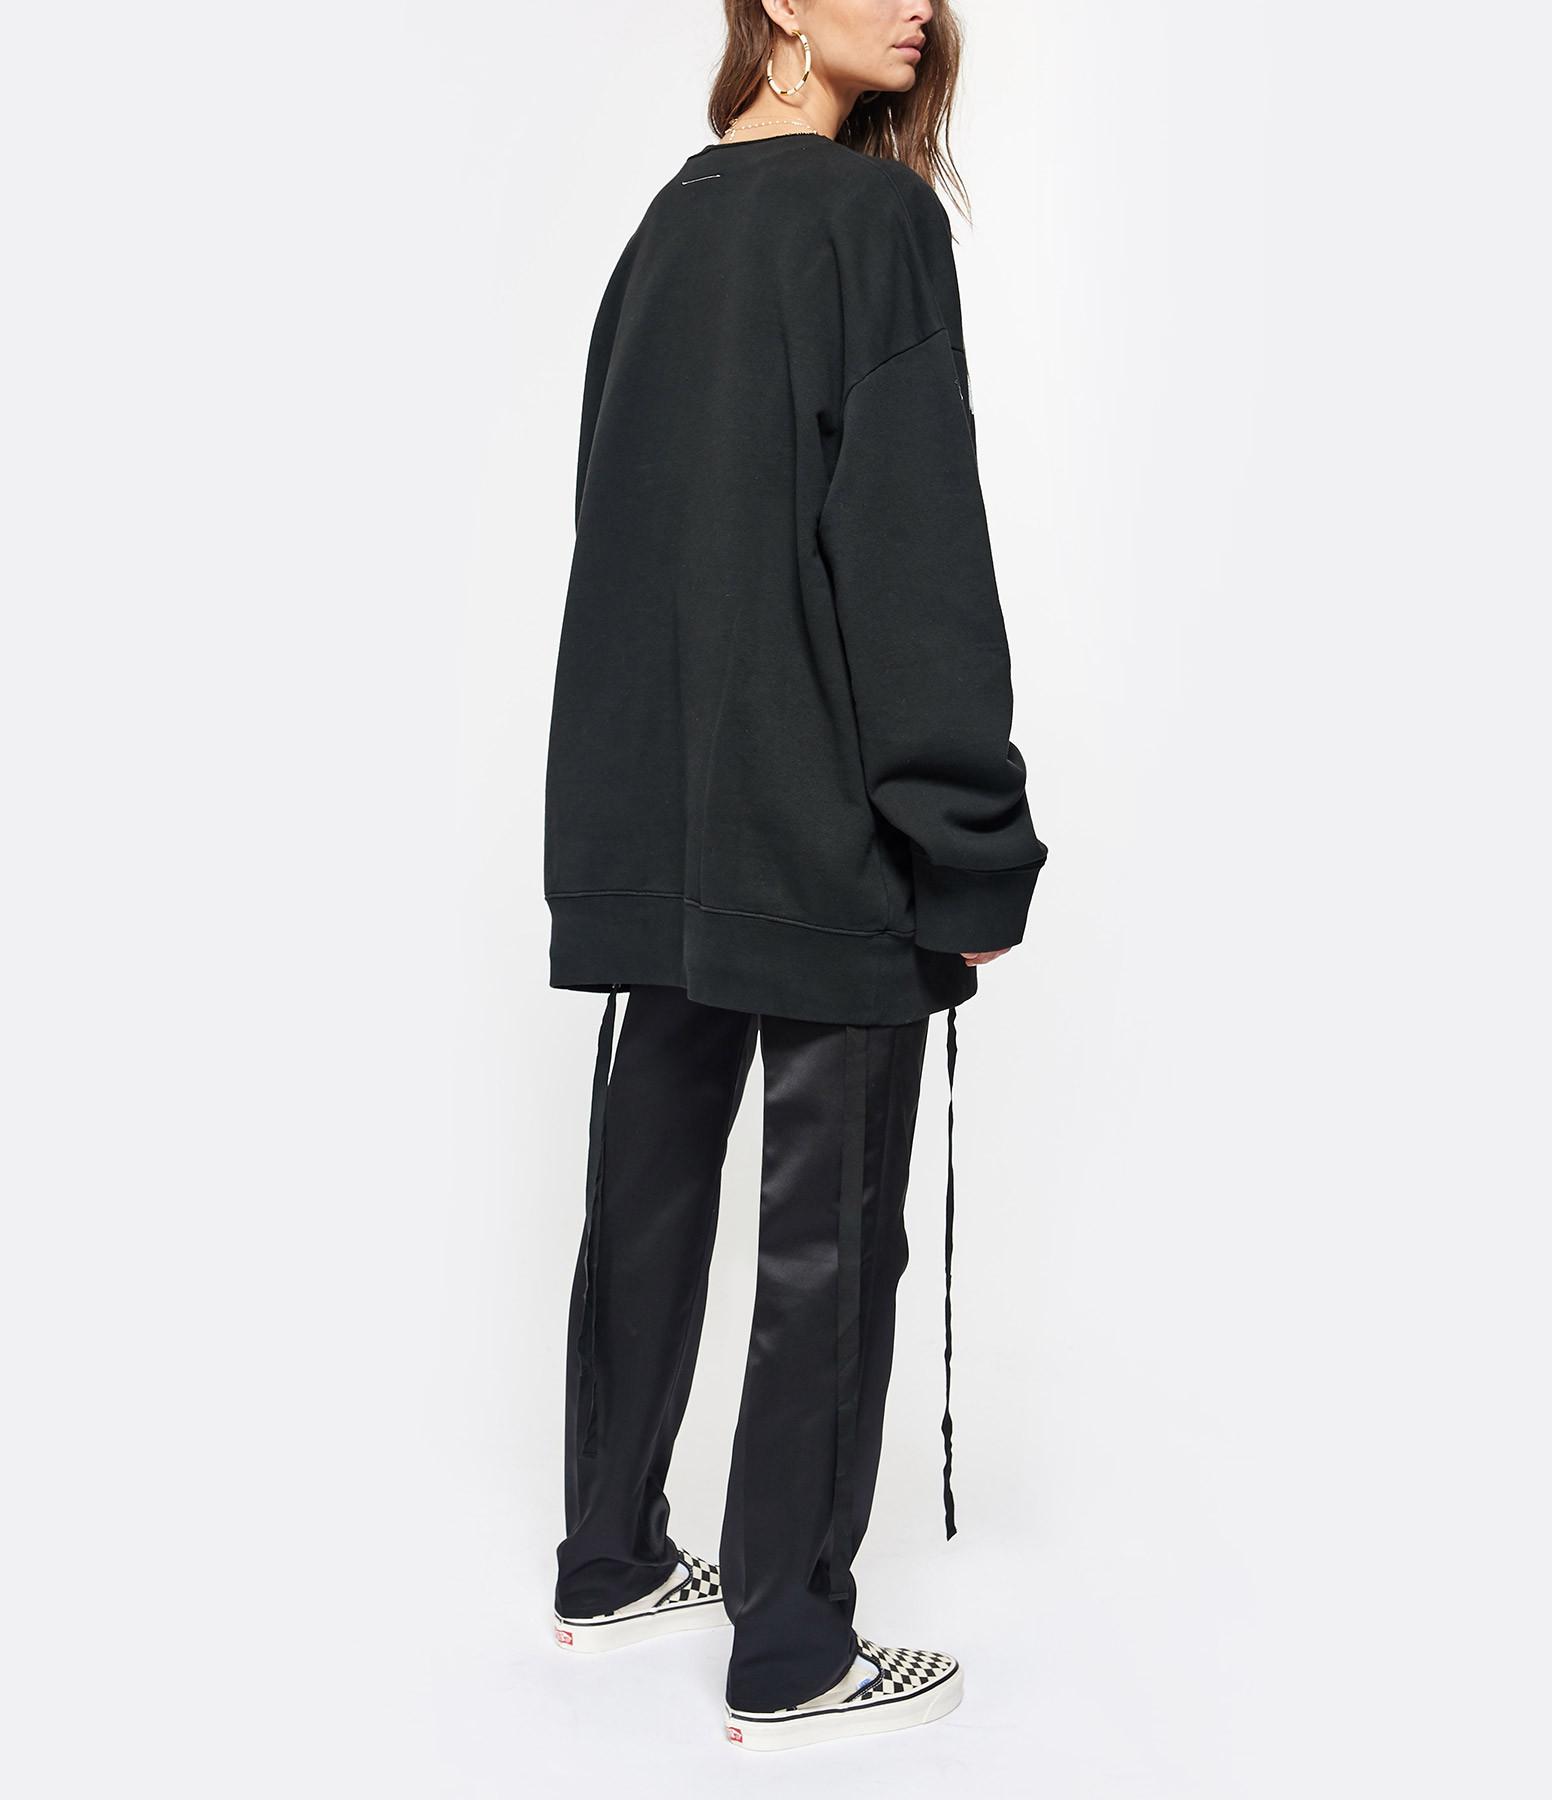 MM6 MAISON MARGIELA - Sweatshirt Imprimé Noir Collection Studio